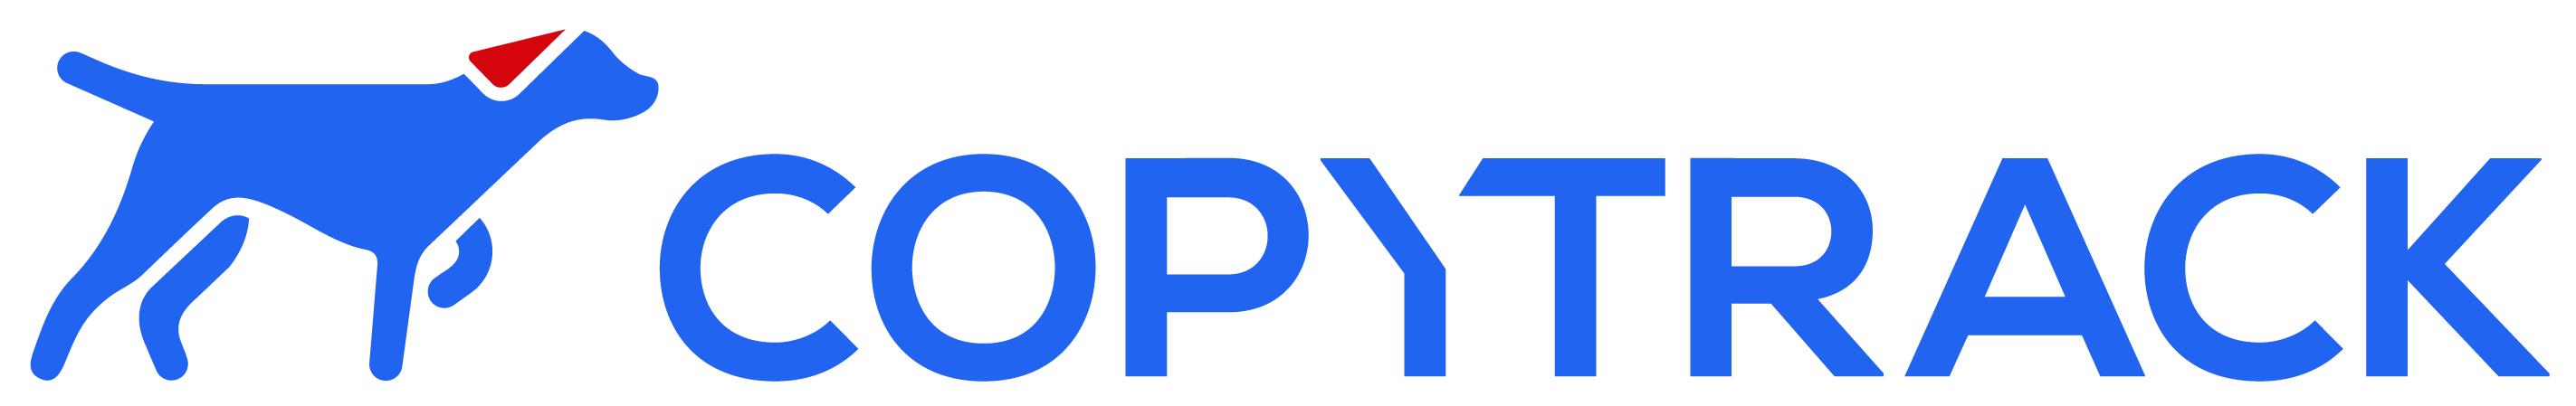 copytracklogocmyk 1